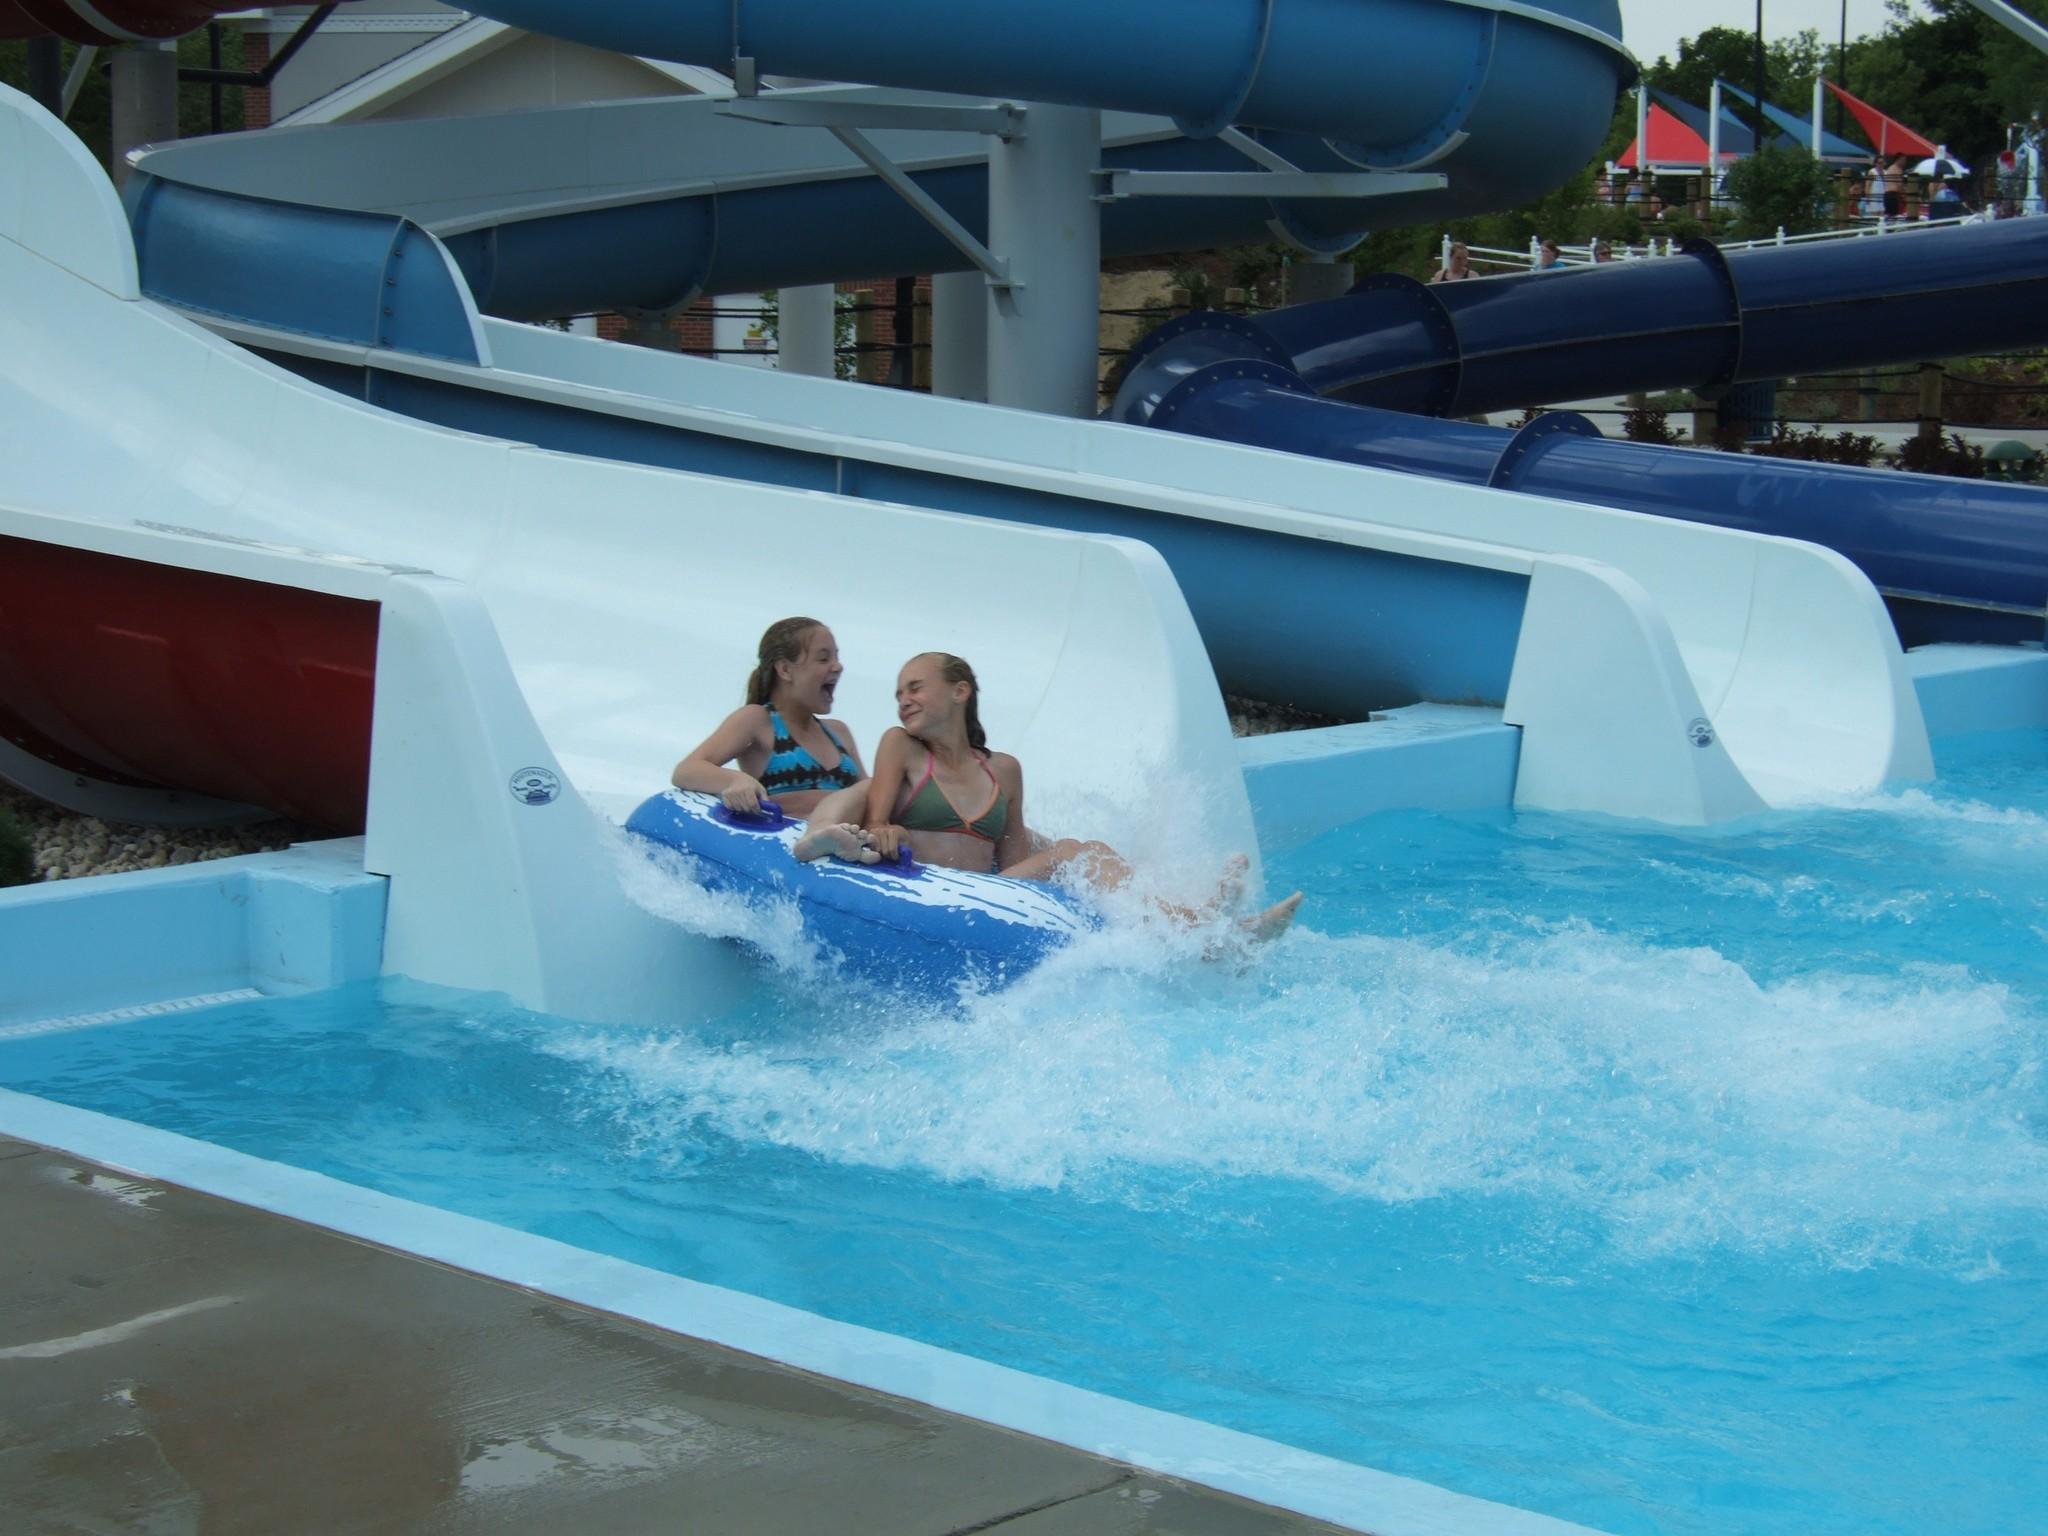 FREE SUMMER STARTER: GO 'BEHIND-THE-SCENES' AT MUNDELEIN'S WATER THRILL BAREFOOT BAY - Mundelein ...